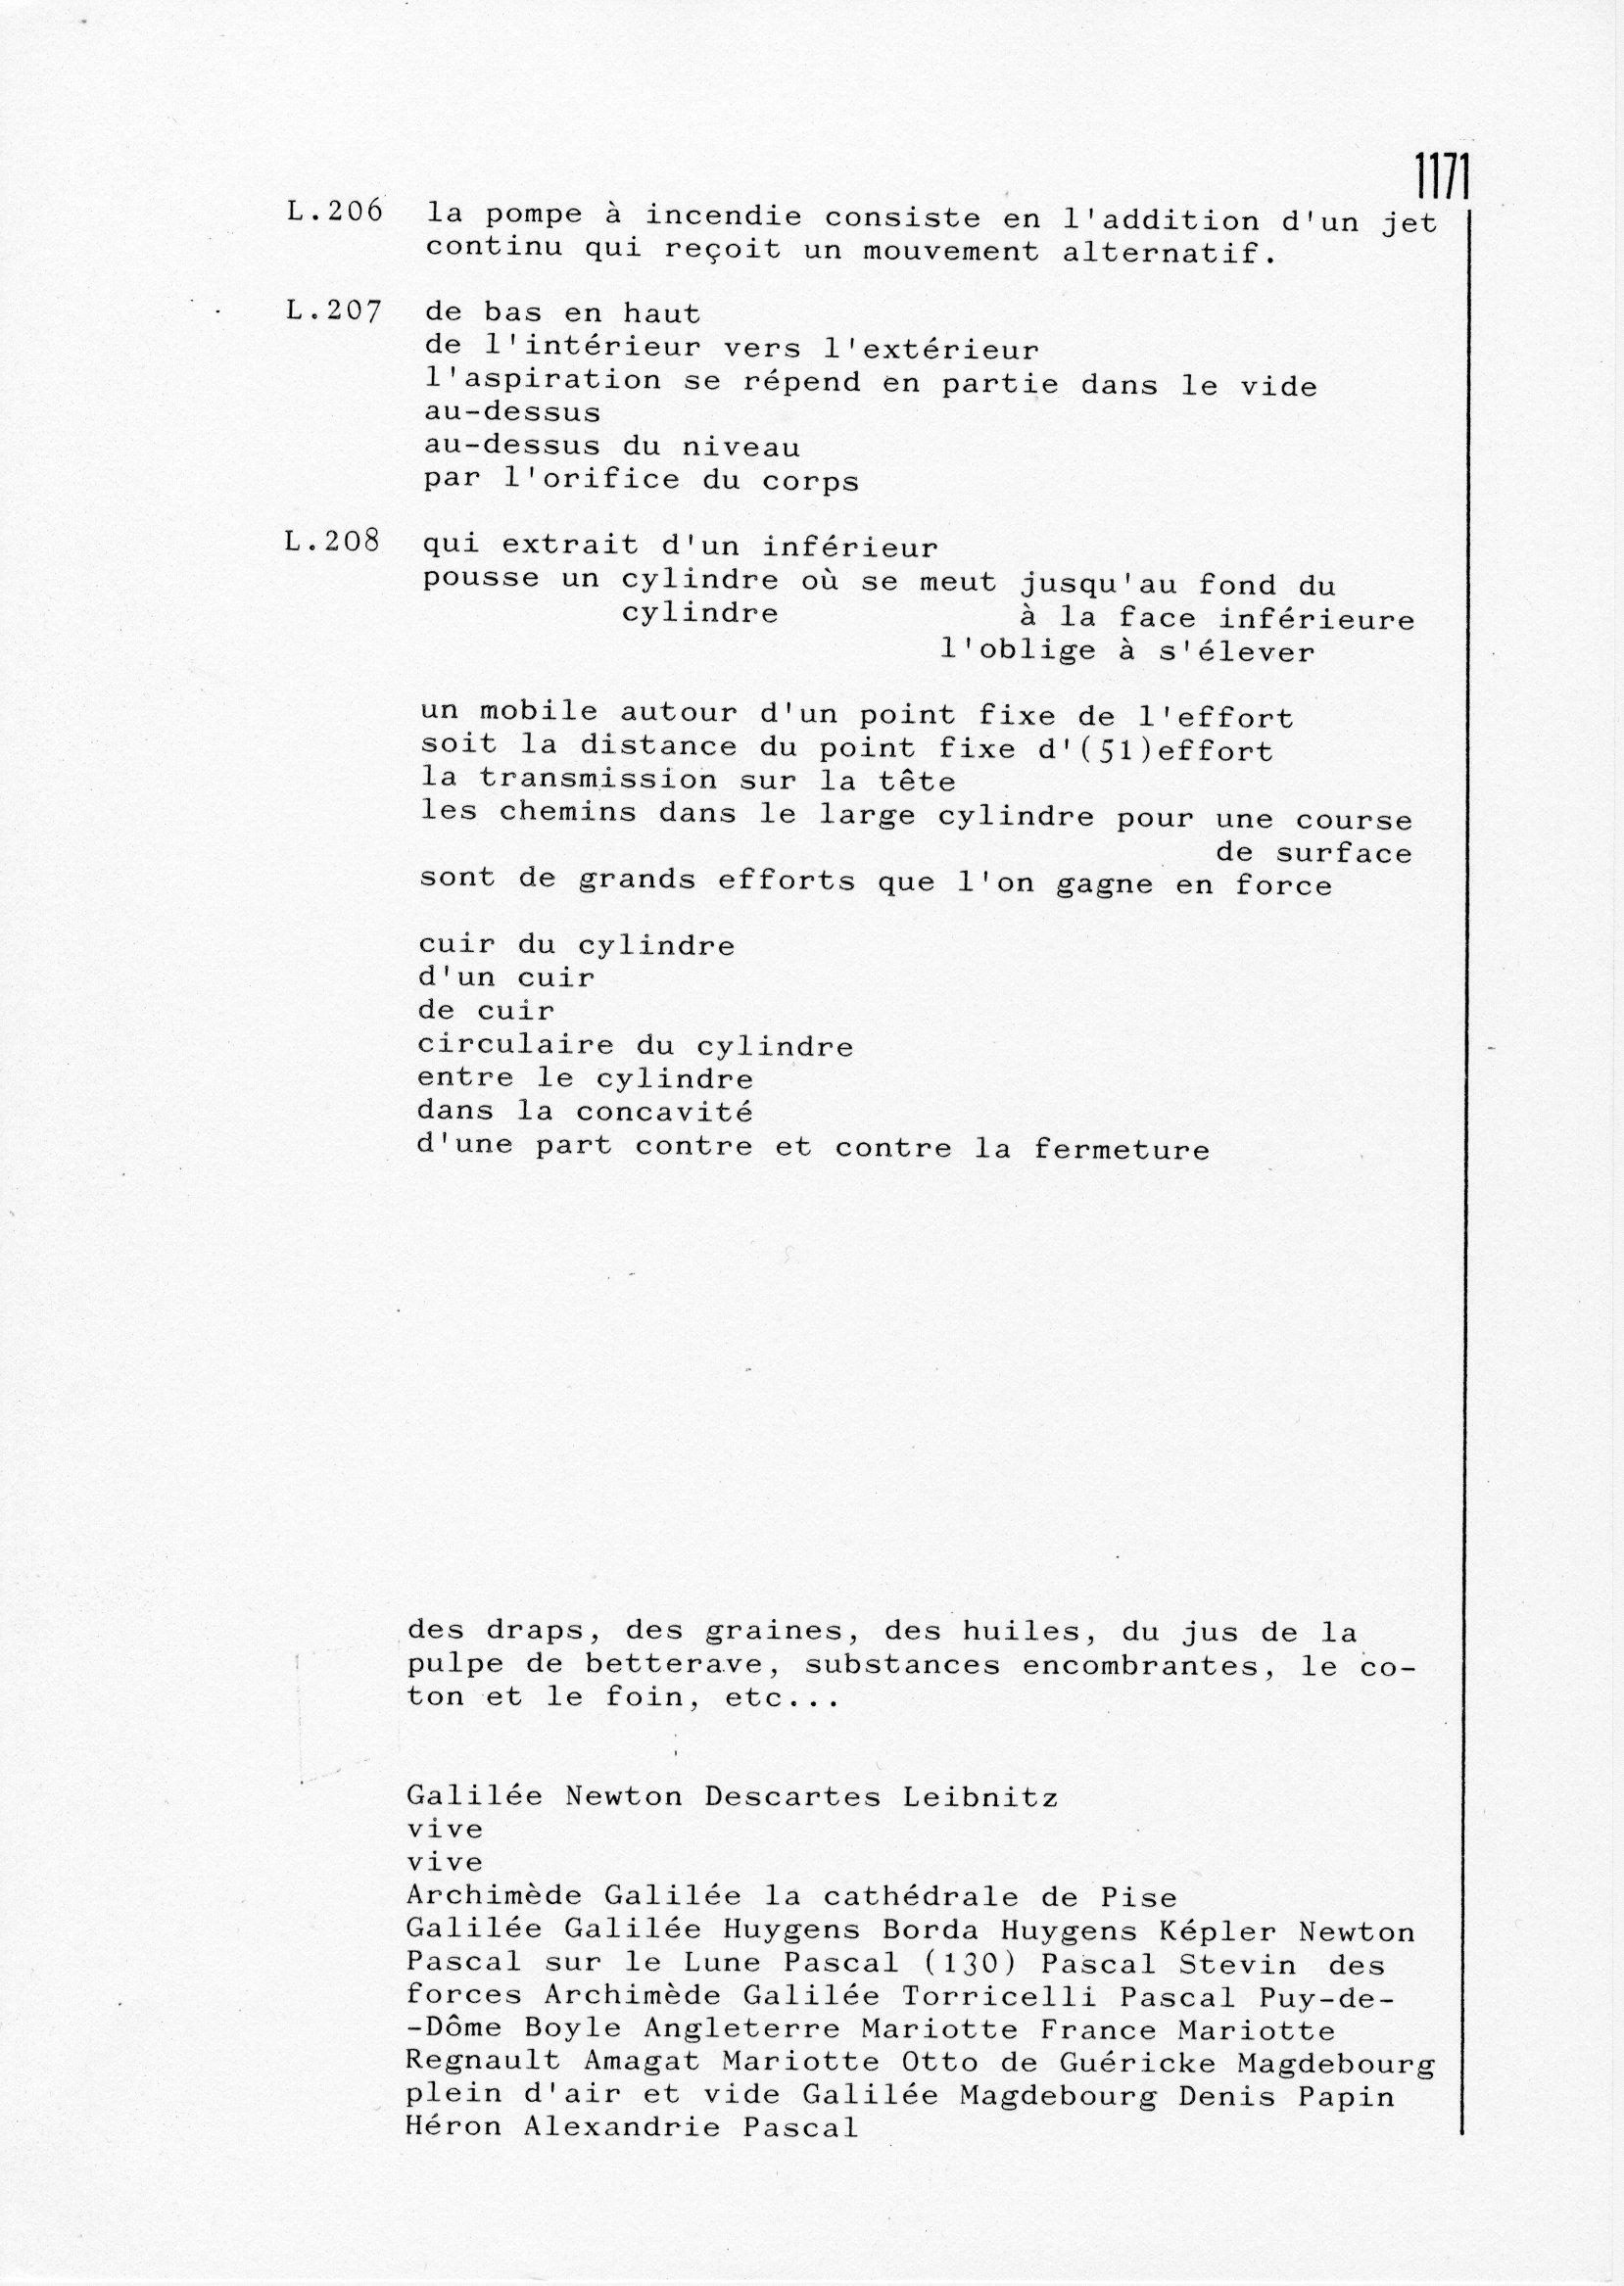 page 1171 D. Som Wong  PHYSIQUE es Lettres ( 2ème partie, sui